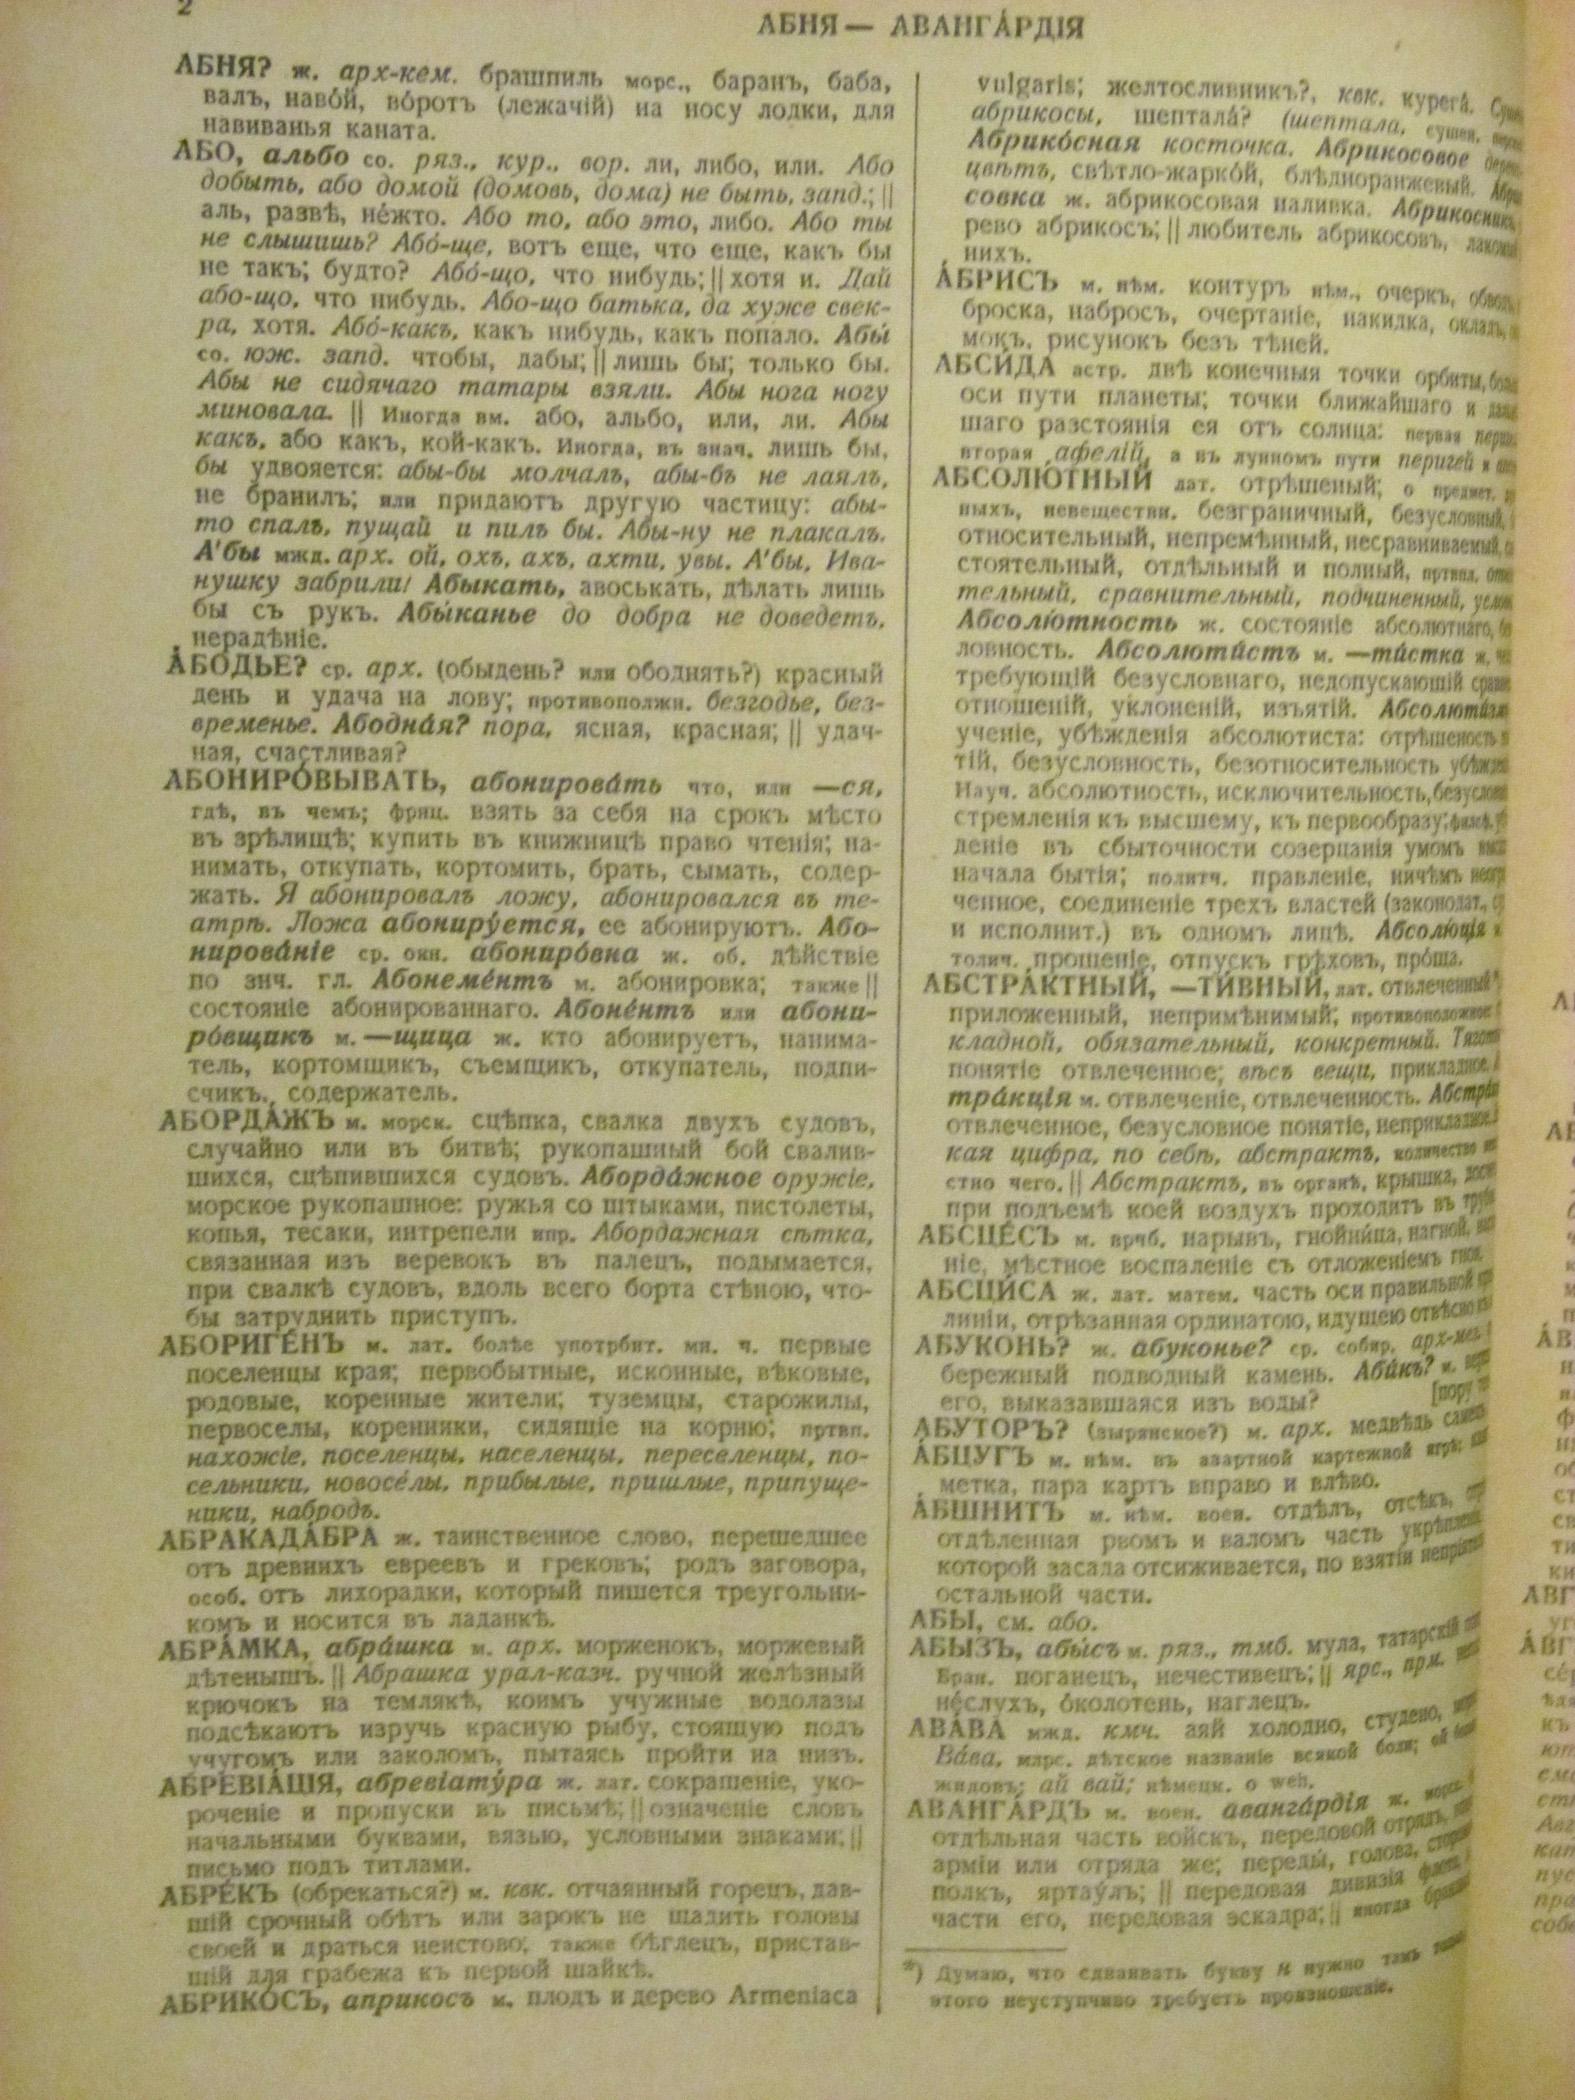 словарь Даля.JPG